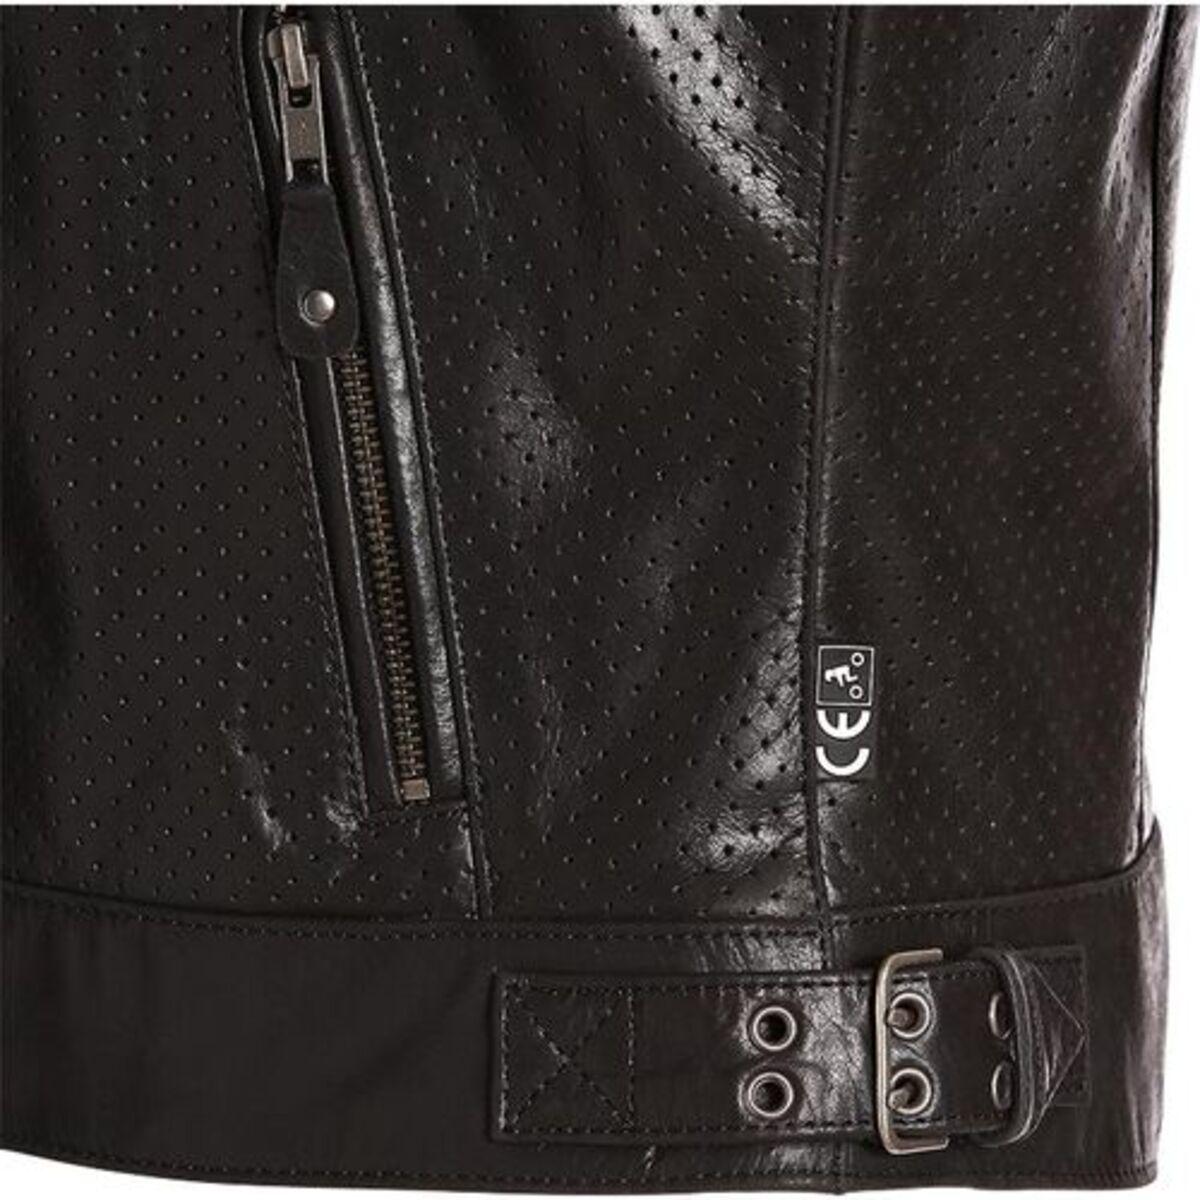 Bild 4 von Segura            Iron Damen Lederjacke schwarz